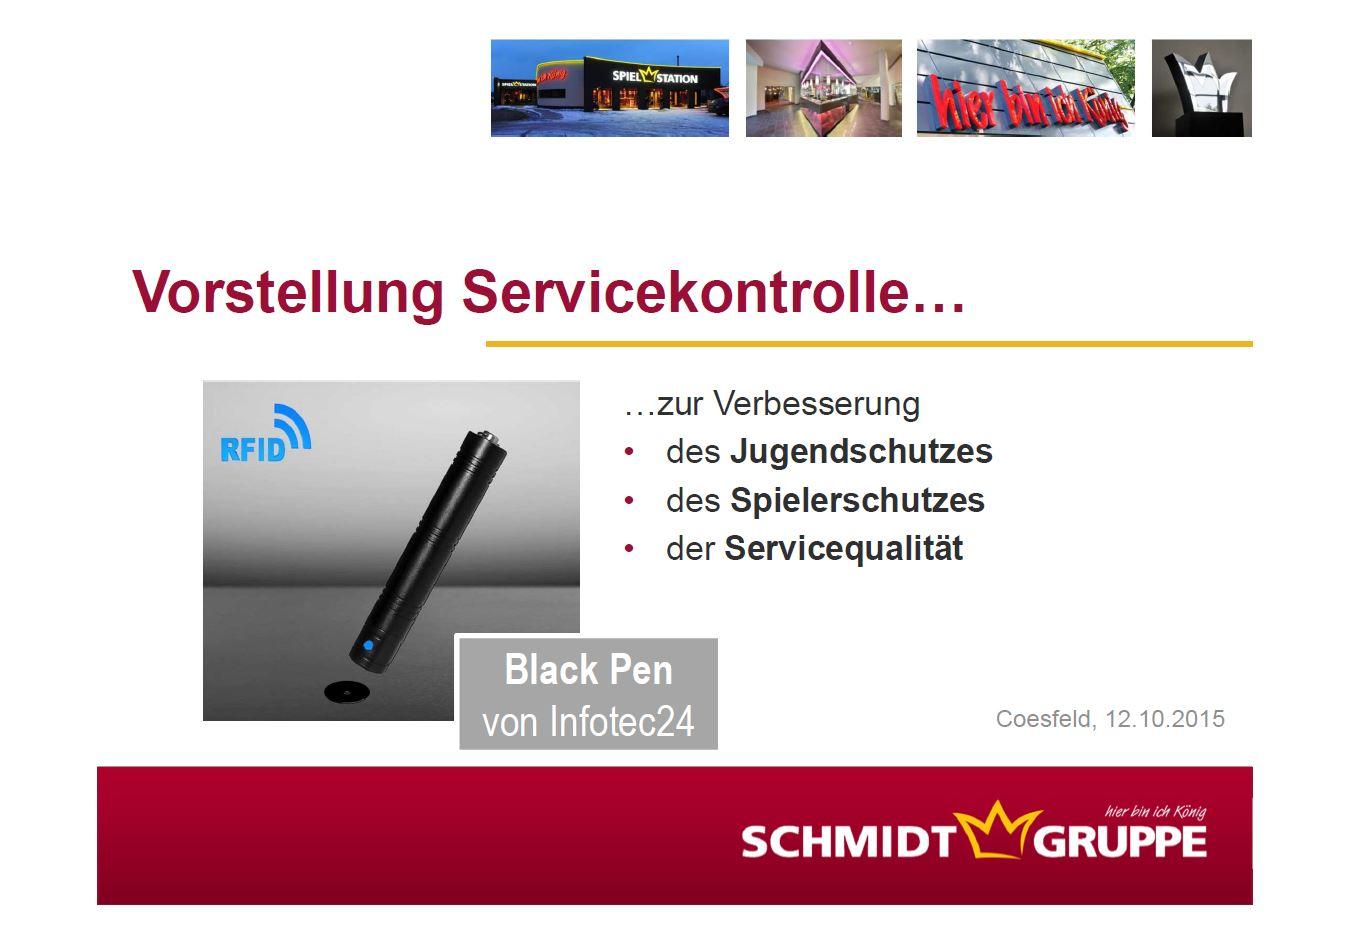 Vorstellung Servicekontrolle